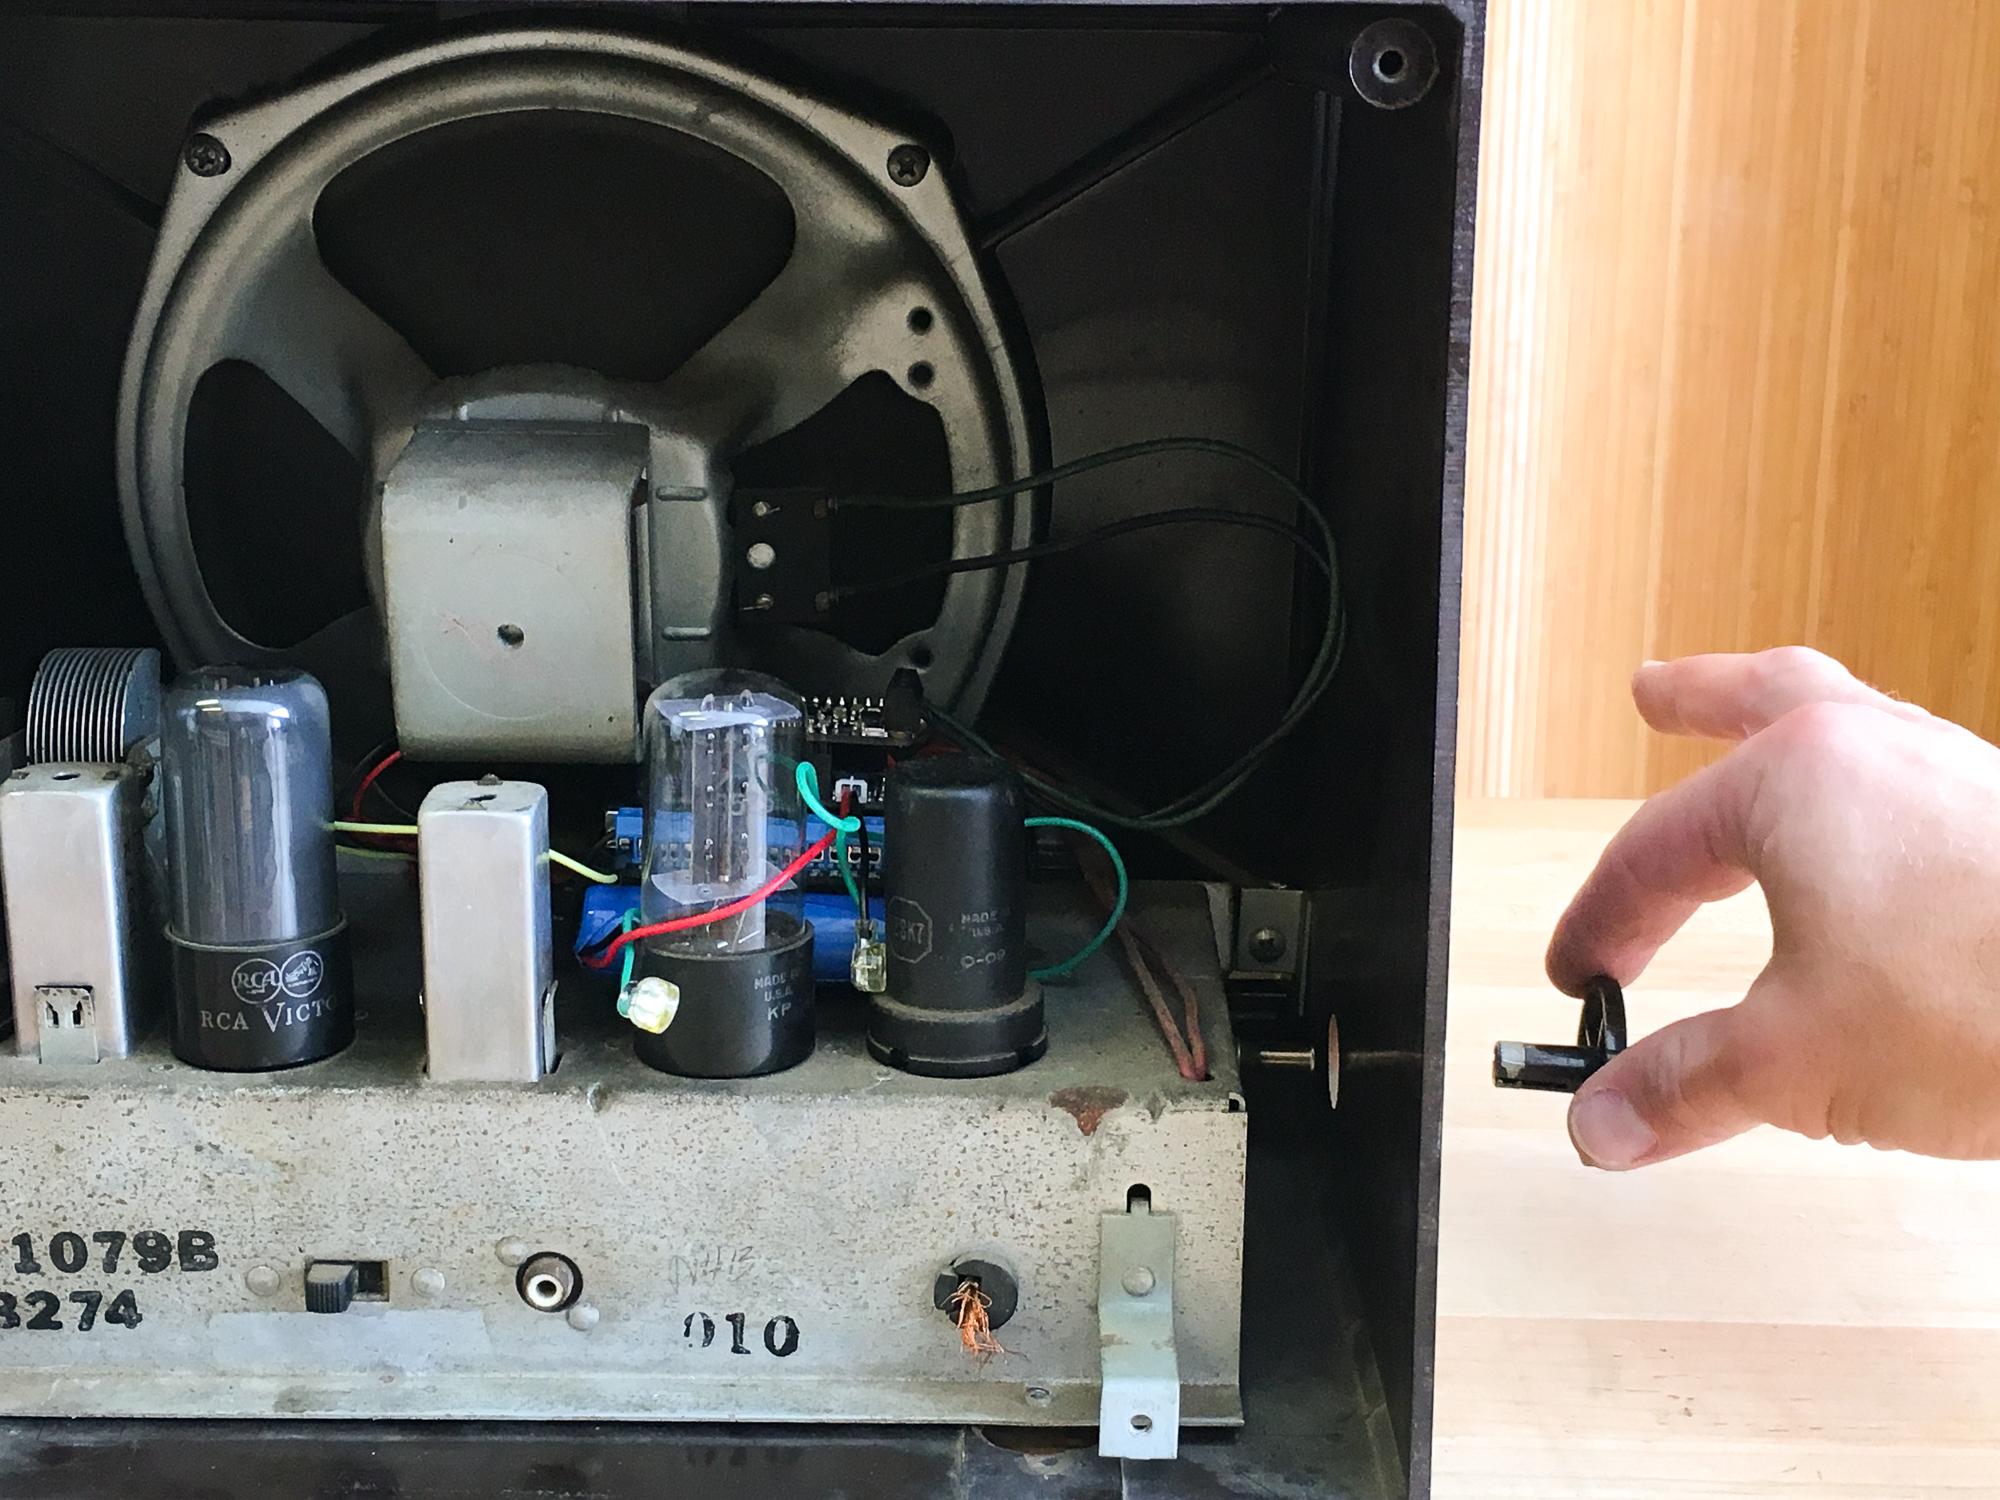 sensors_IMG_0270_2k.jpg